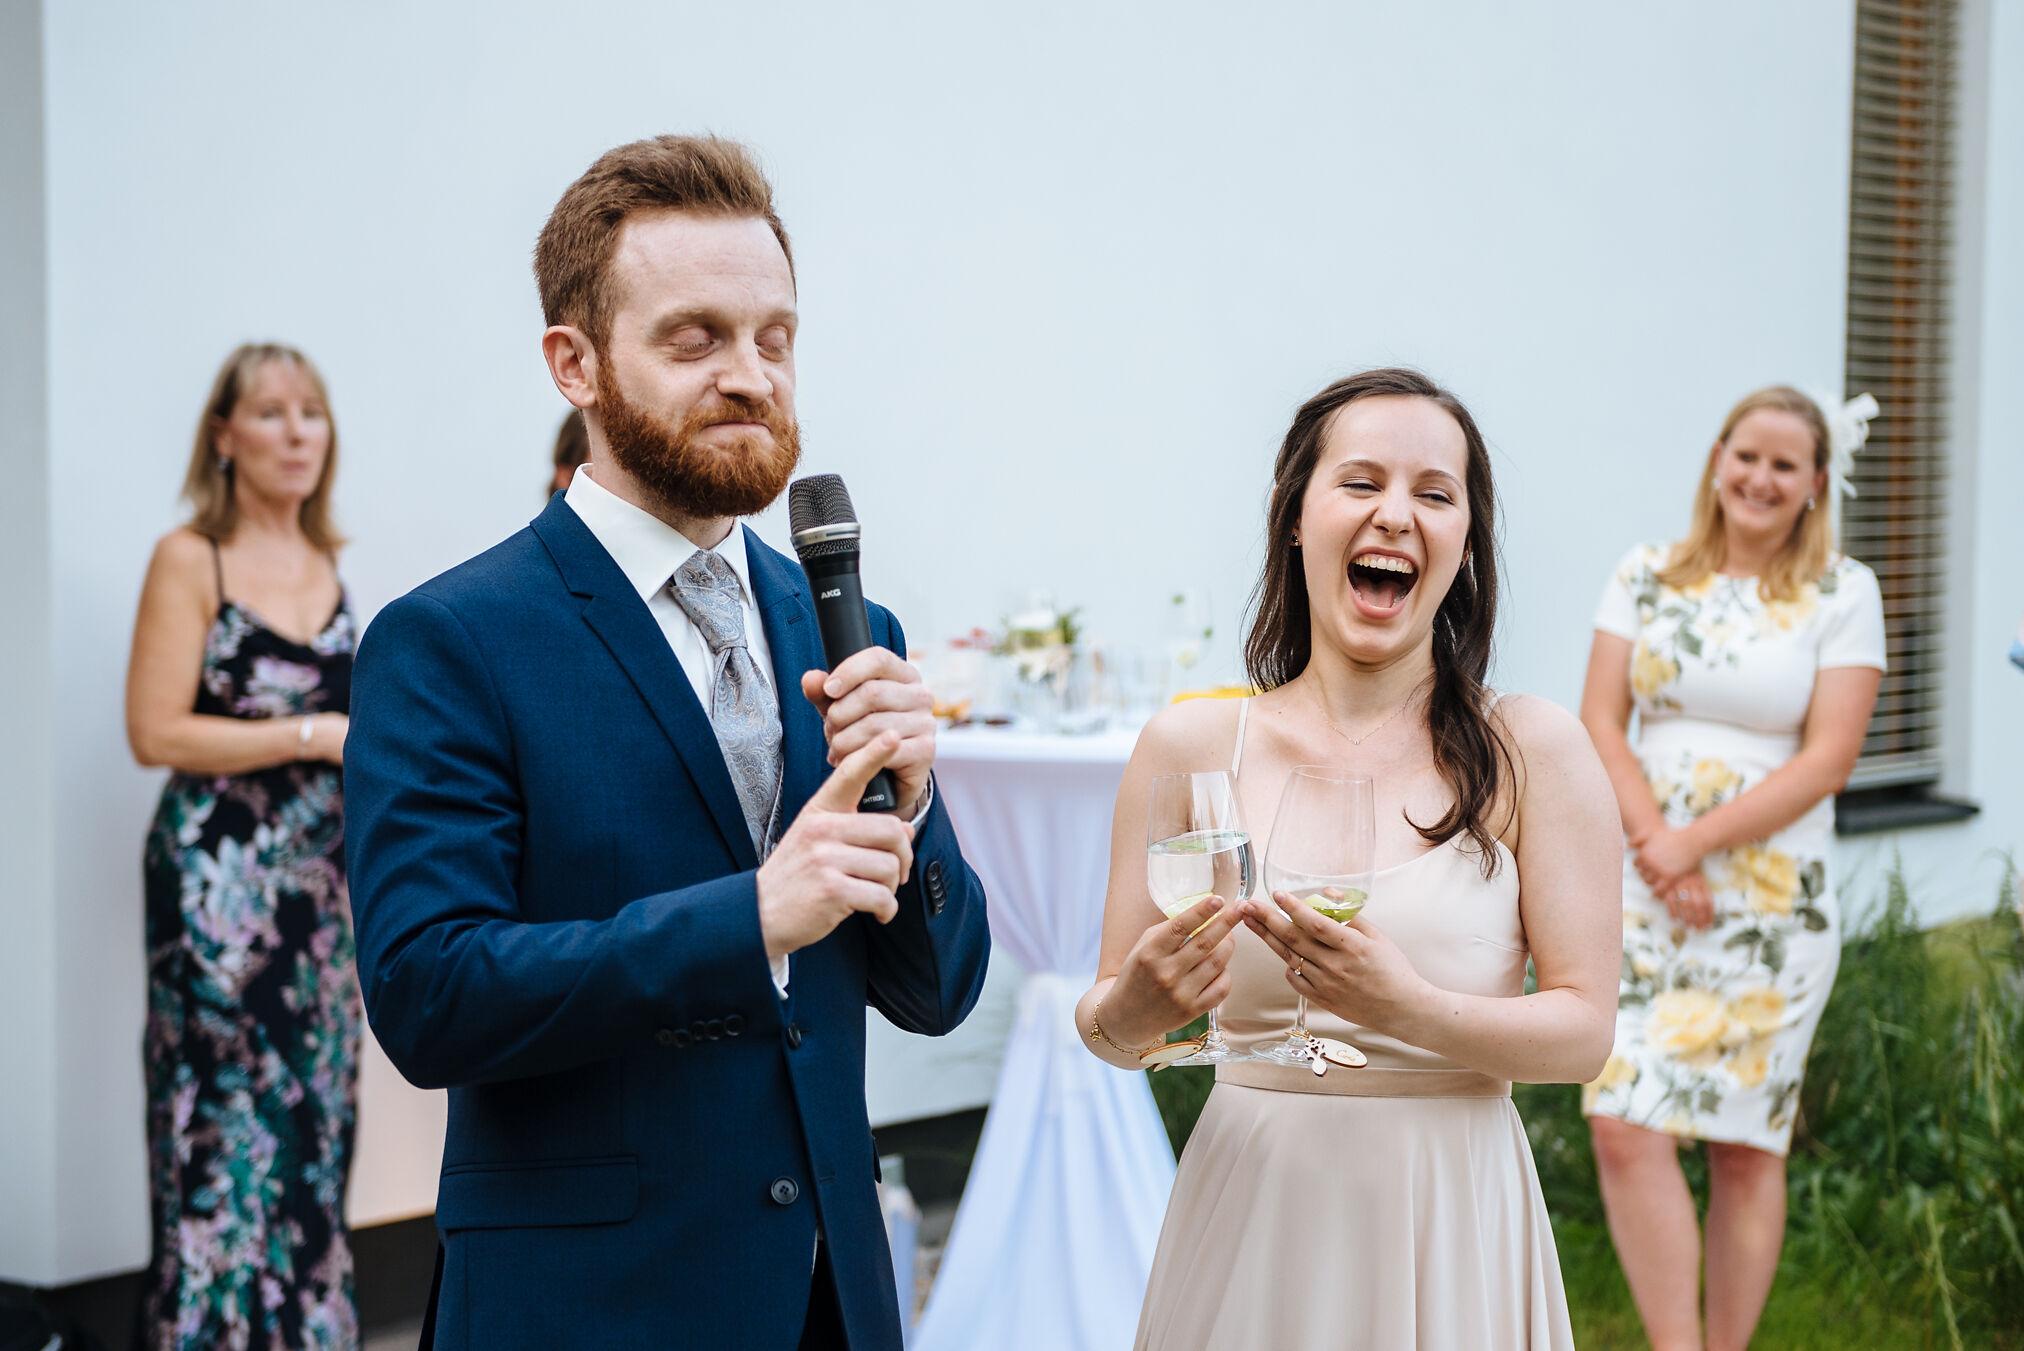 Hochzeit-Garten-Denoti-34.jpg